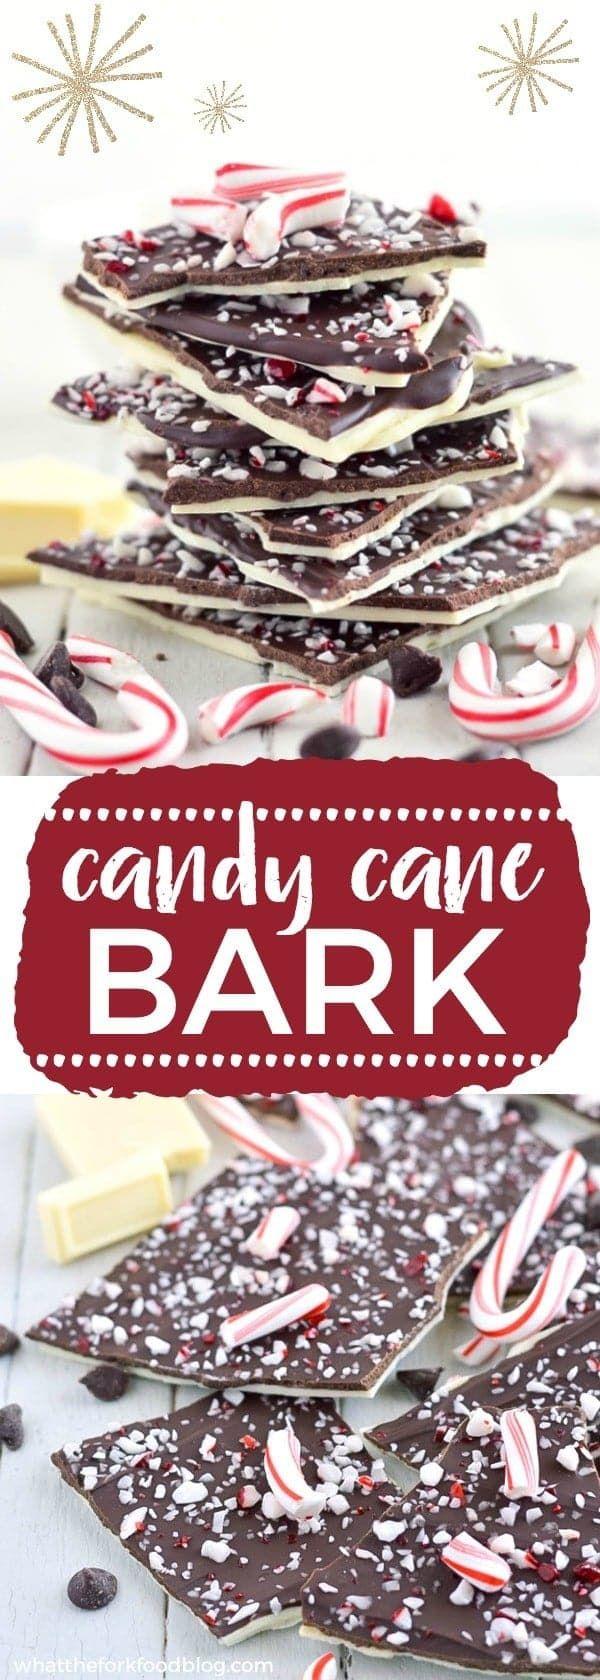 Easy homemade Candy Cane Bark recipe from whattheforkblog